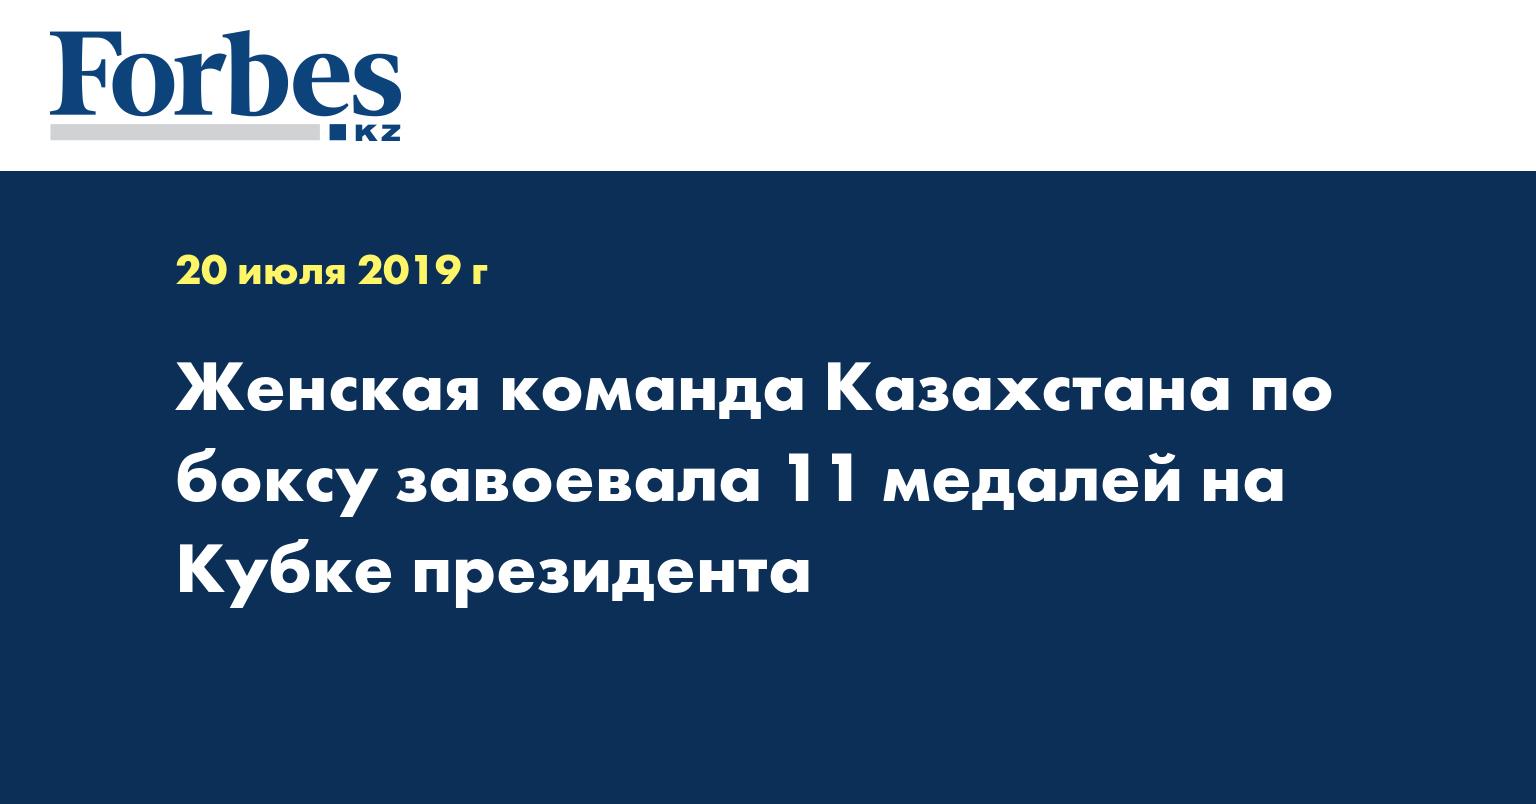 Женская команда Казахстана по боксу завоевала 11 медалей на Кубке президента